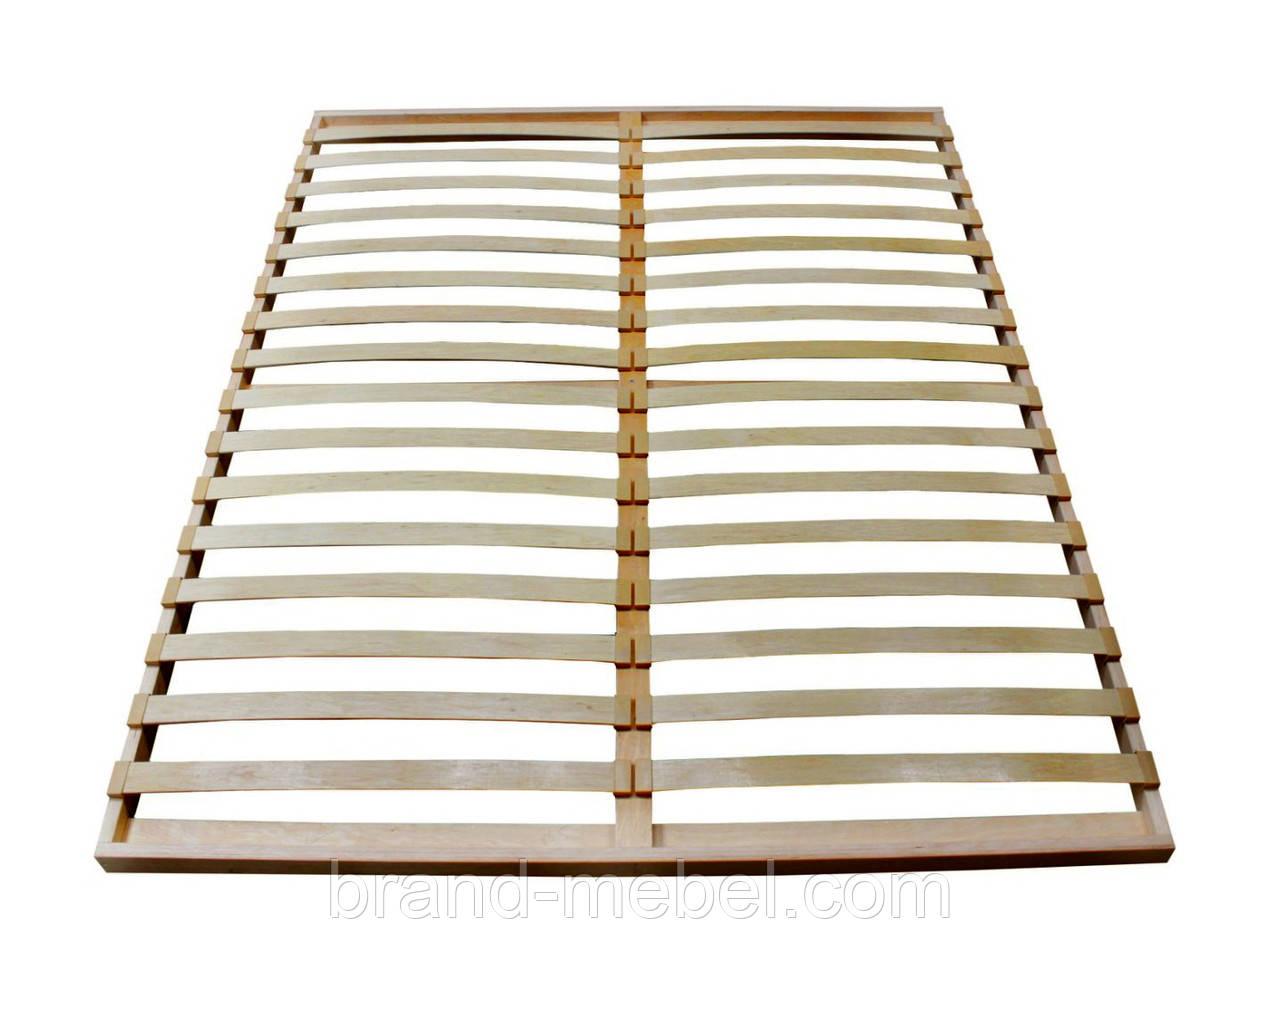 Каркас ліжка дерев'яний розбірний 190*150см